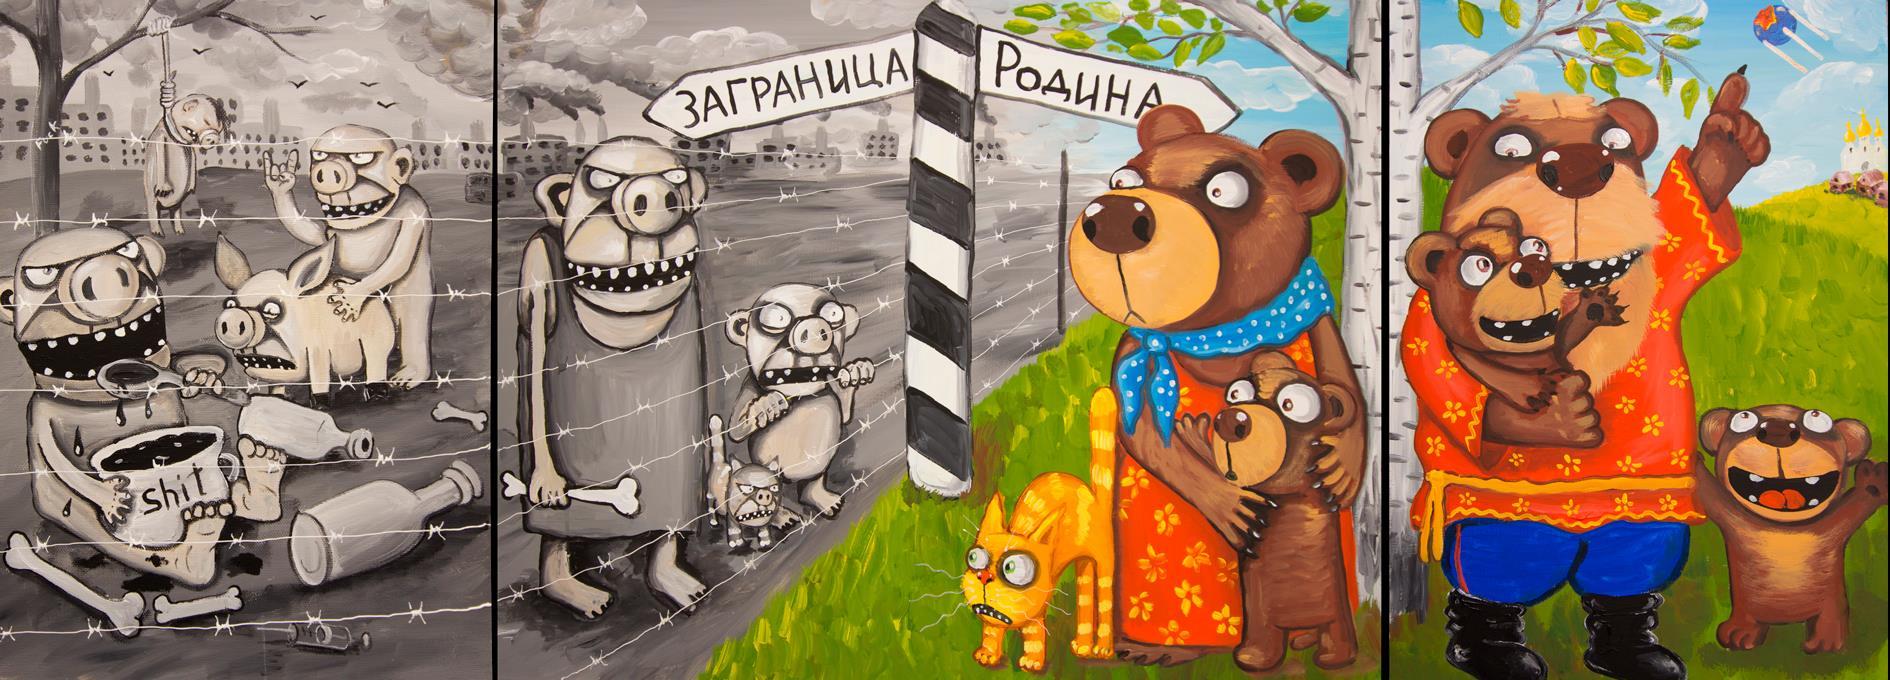 НАТО постоянно провоцирует Россию и стремится втянуть в конфронтацию, - Путин - Цензор.НЕТ 8909